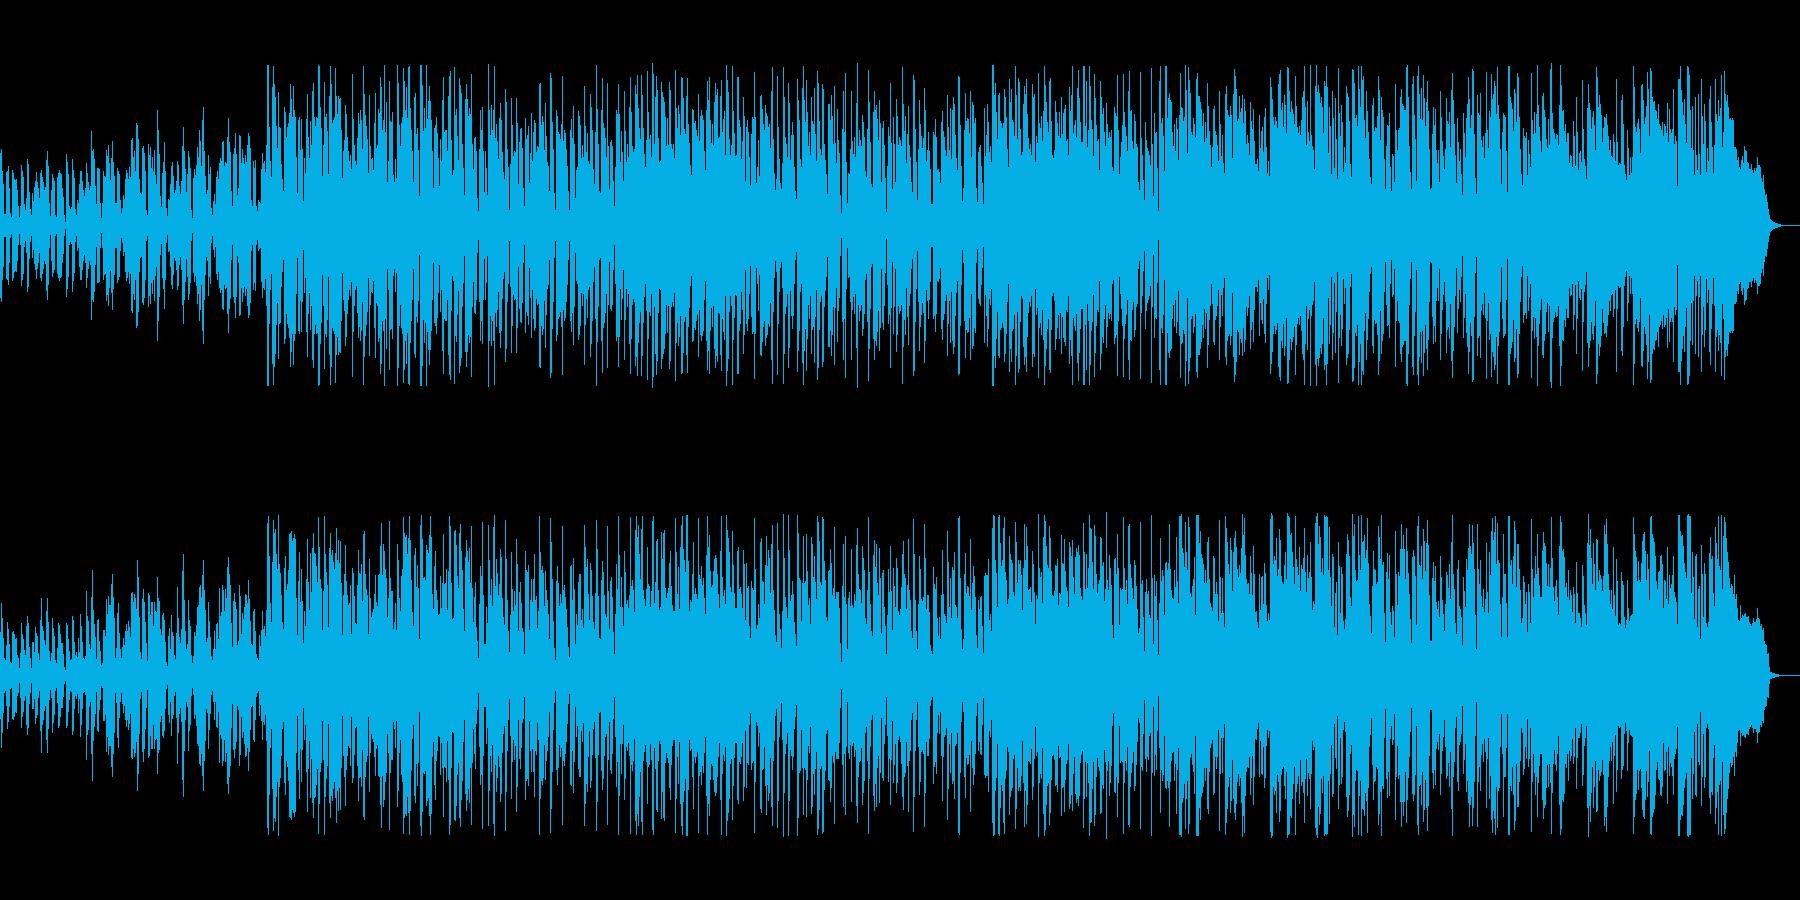 楽しい雰囲気の軽やかなキーボードポップスの再生済みの波形